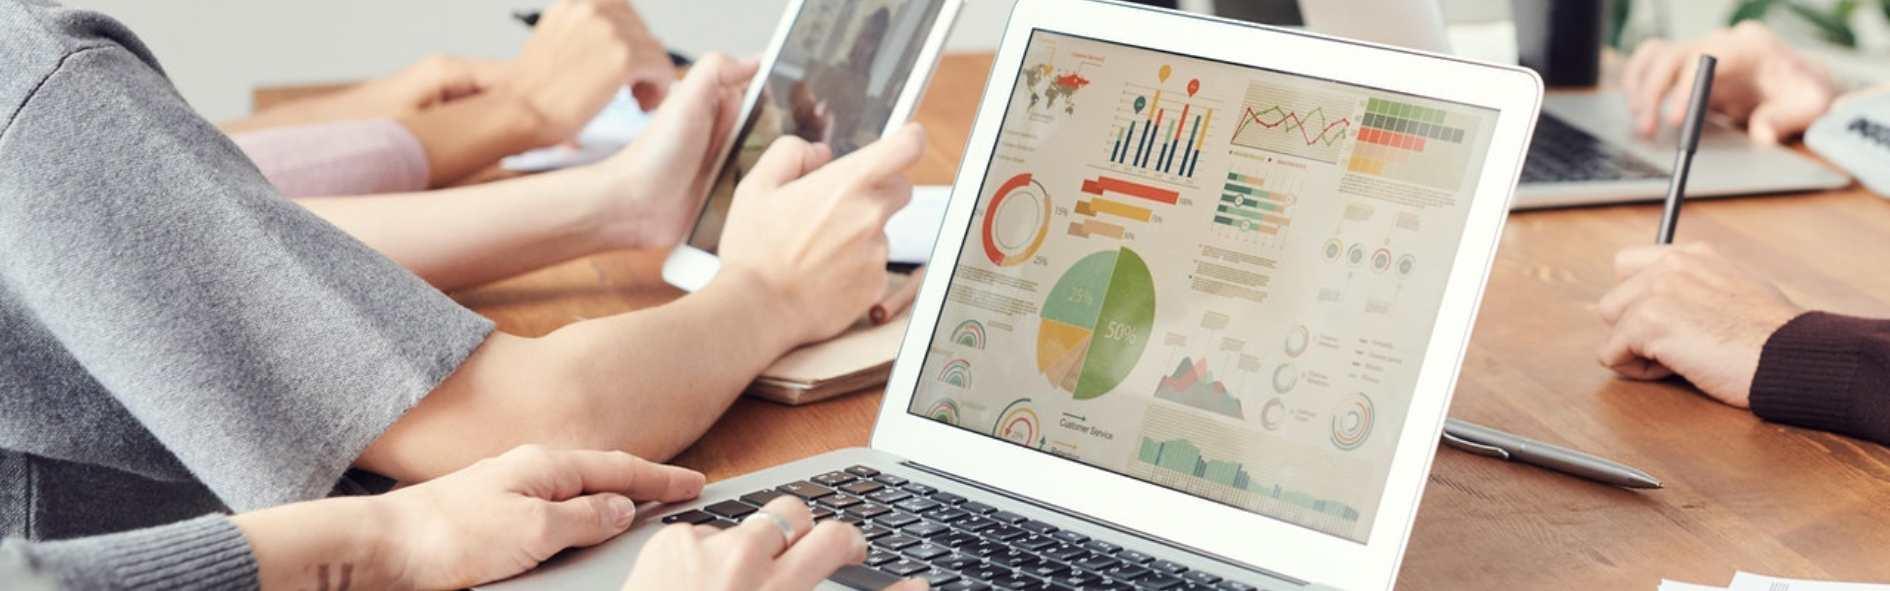 Descubre el análisis de marca y cómo hacerlo paso a paso